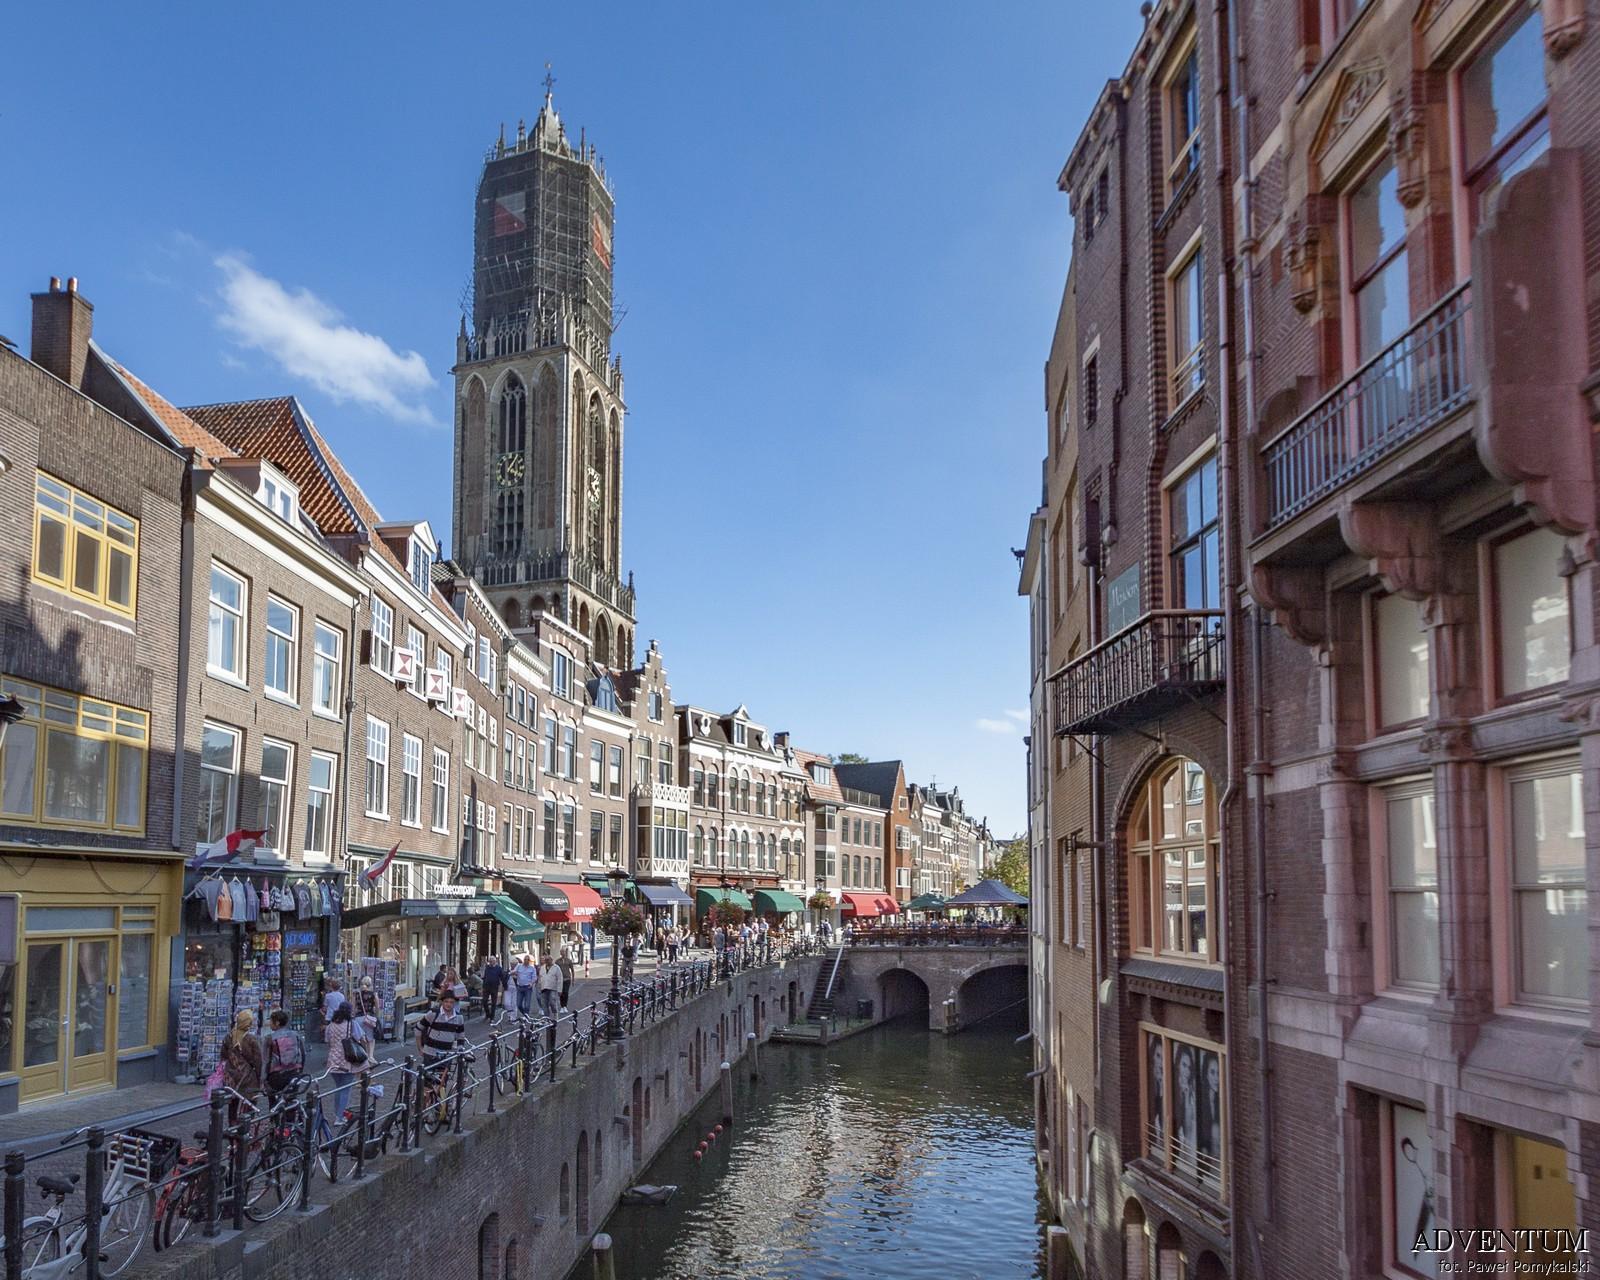 Holandia Utrecht Atrakcje Zwiedzanie co Zobaczyć Amsterdam Rotterdam Haga Kanały Wiatraki